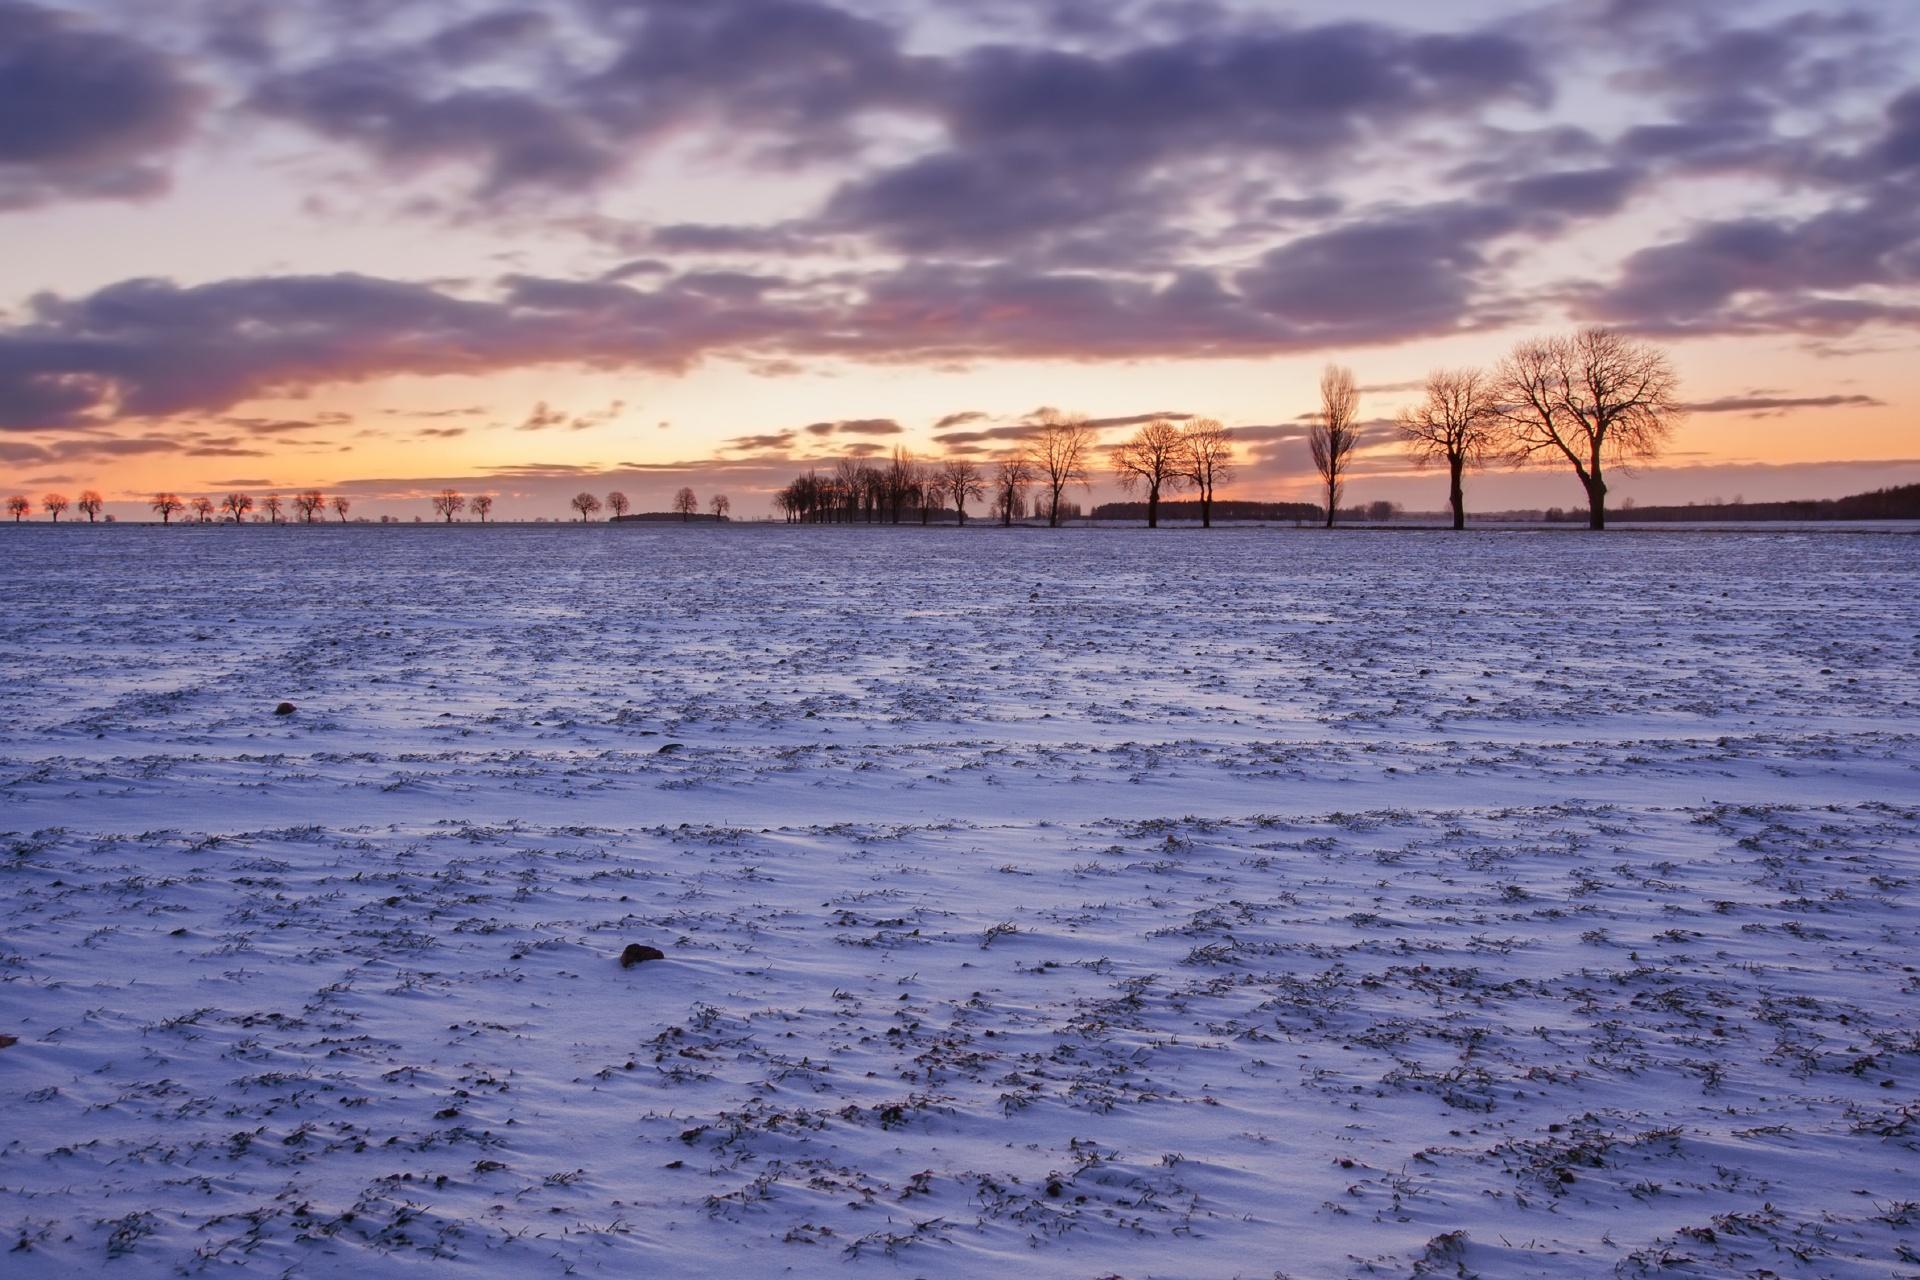 静かで美しい冬の風景